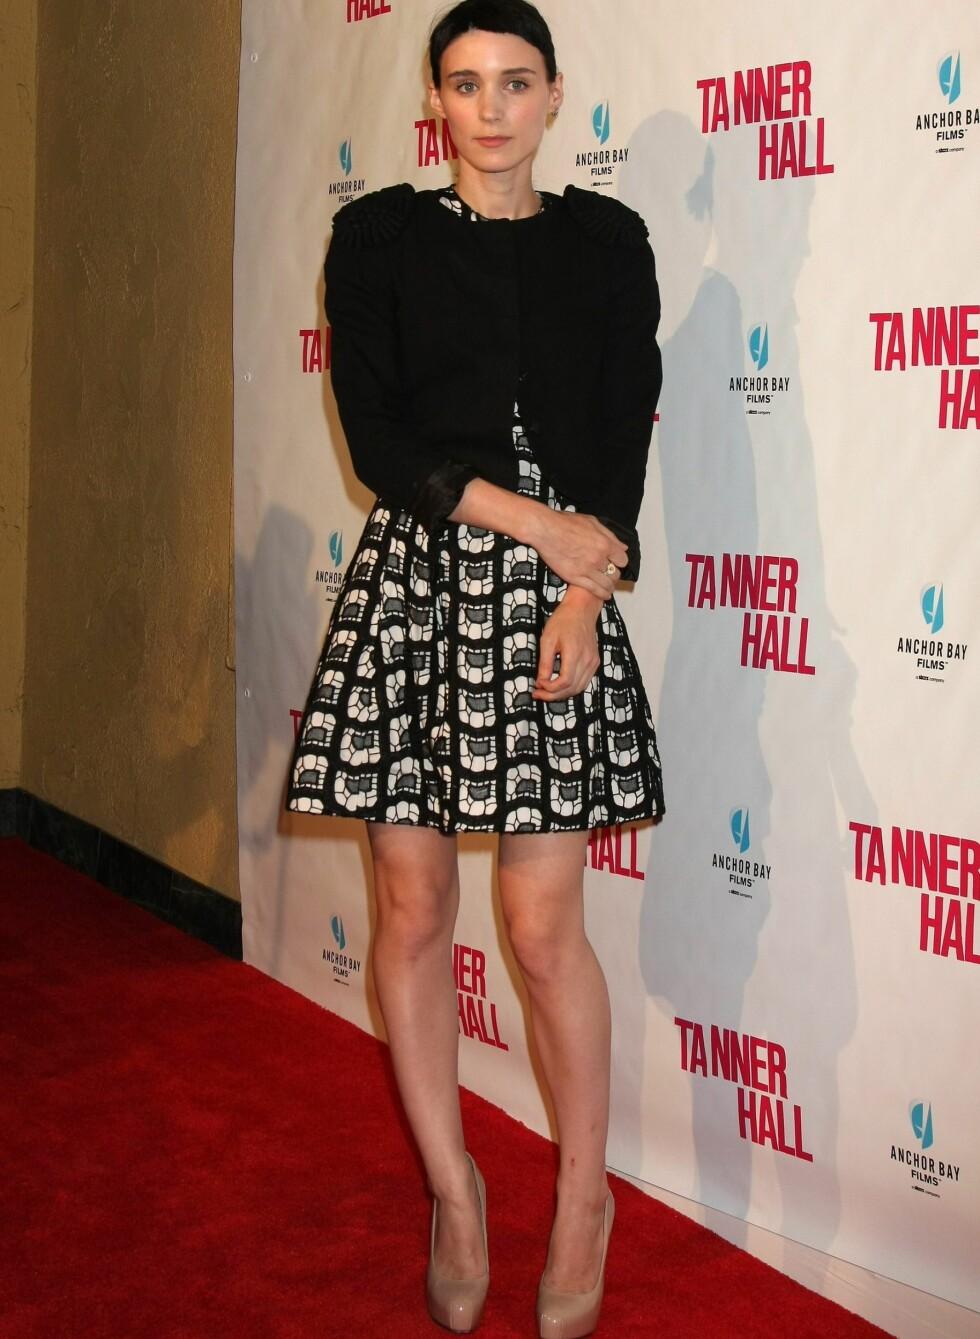 På premiere av Tanner Hall, i Los Angeles, iført en mønstret 60-tallskjole med vidt skjørt, sort cardigan og nude pumps. Foto: All Over Press